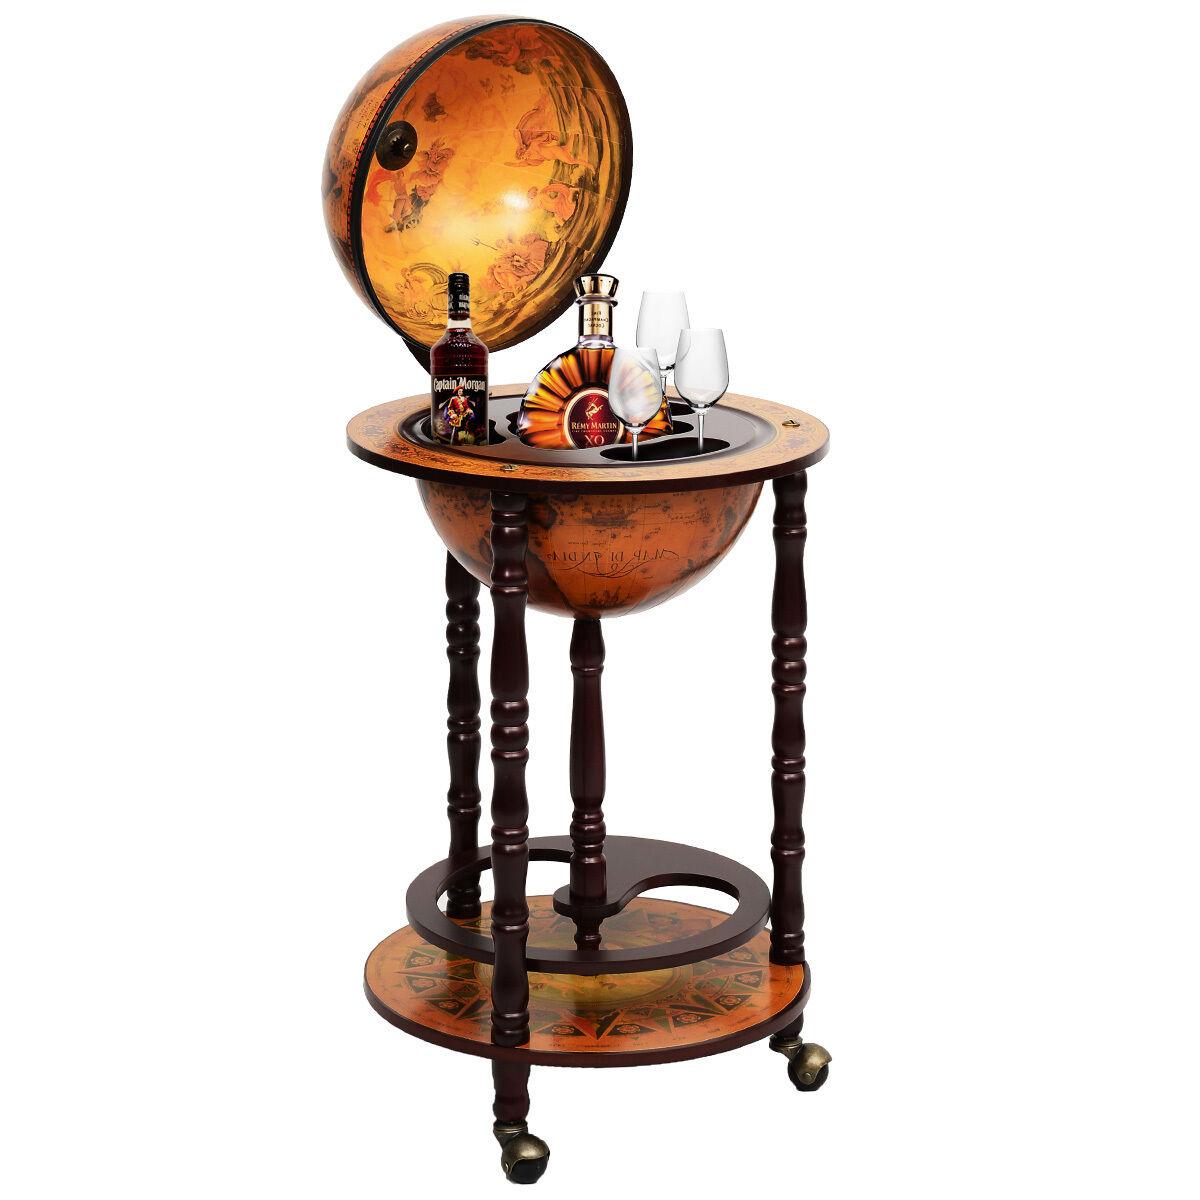 Globusbar Globus Bar Minibar Hausbar Weltkugel Cocktailbar Dekobar Tischbar